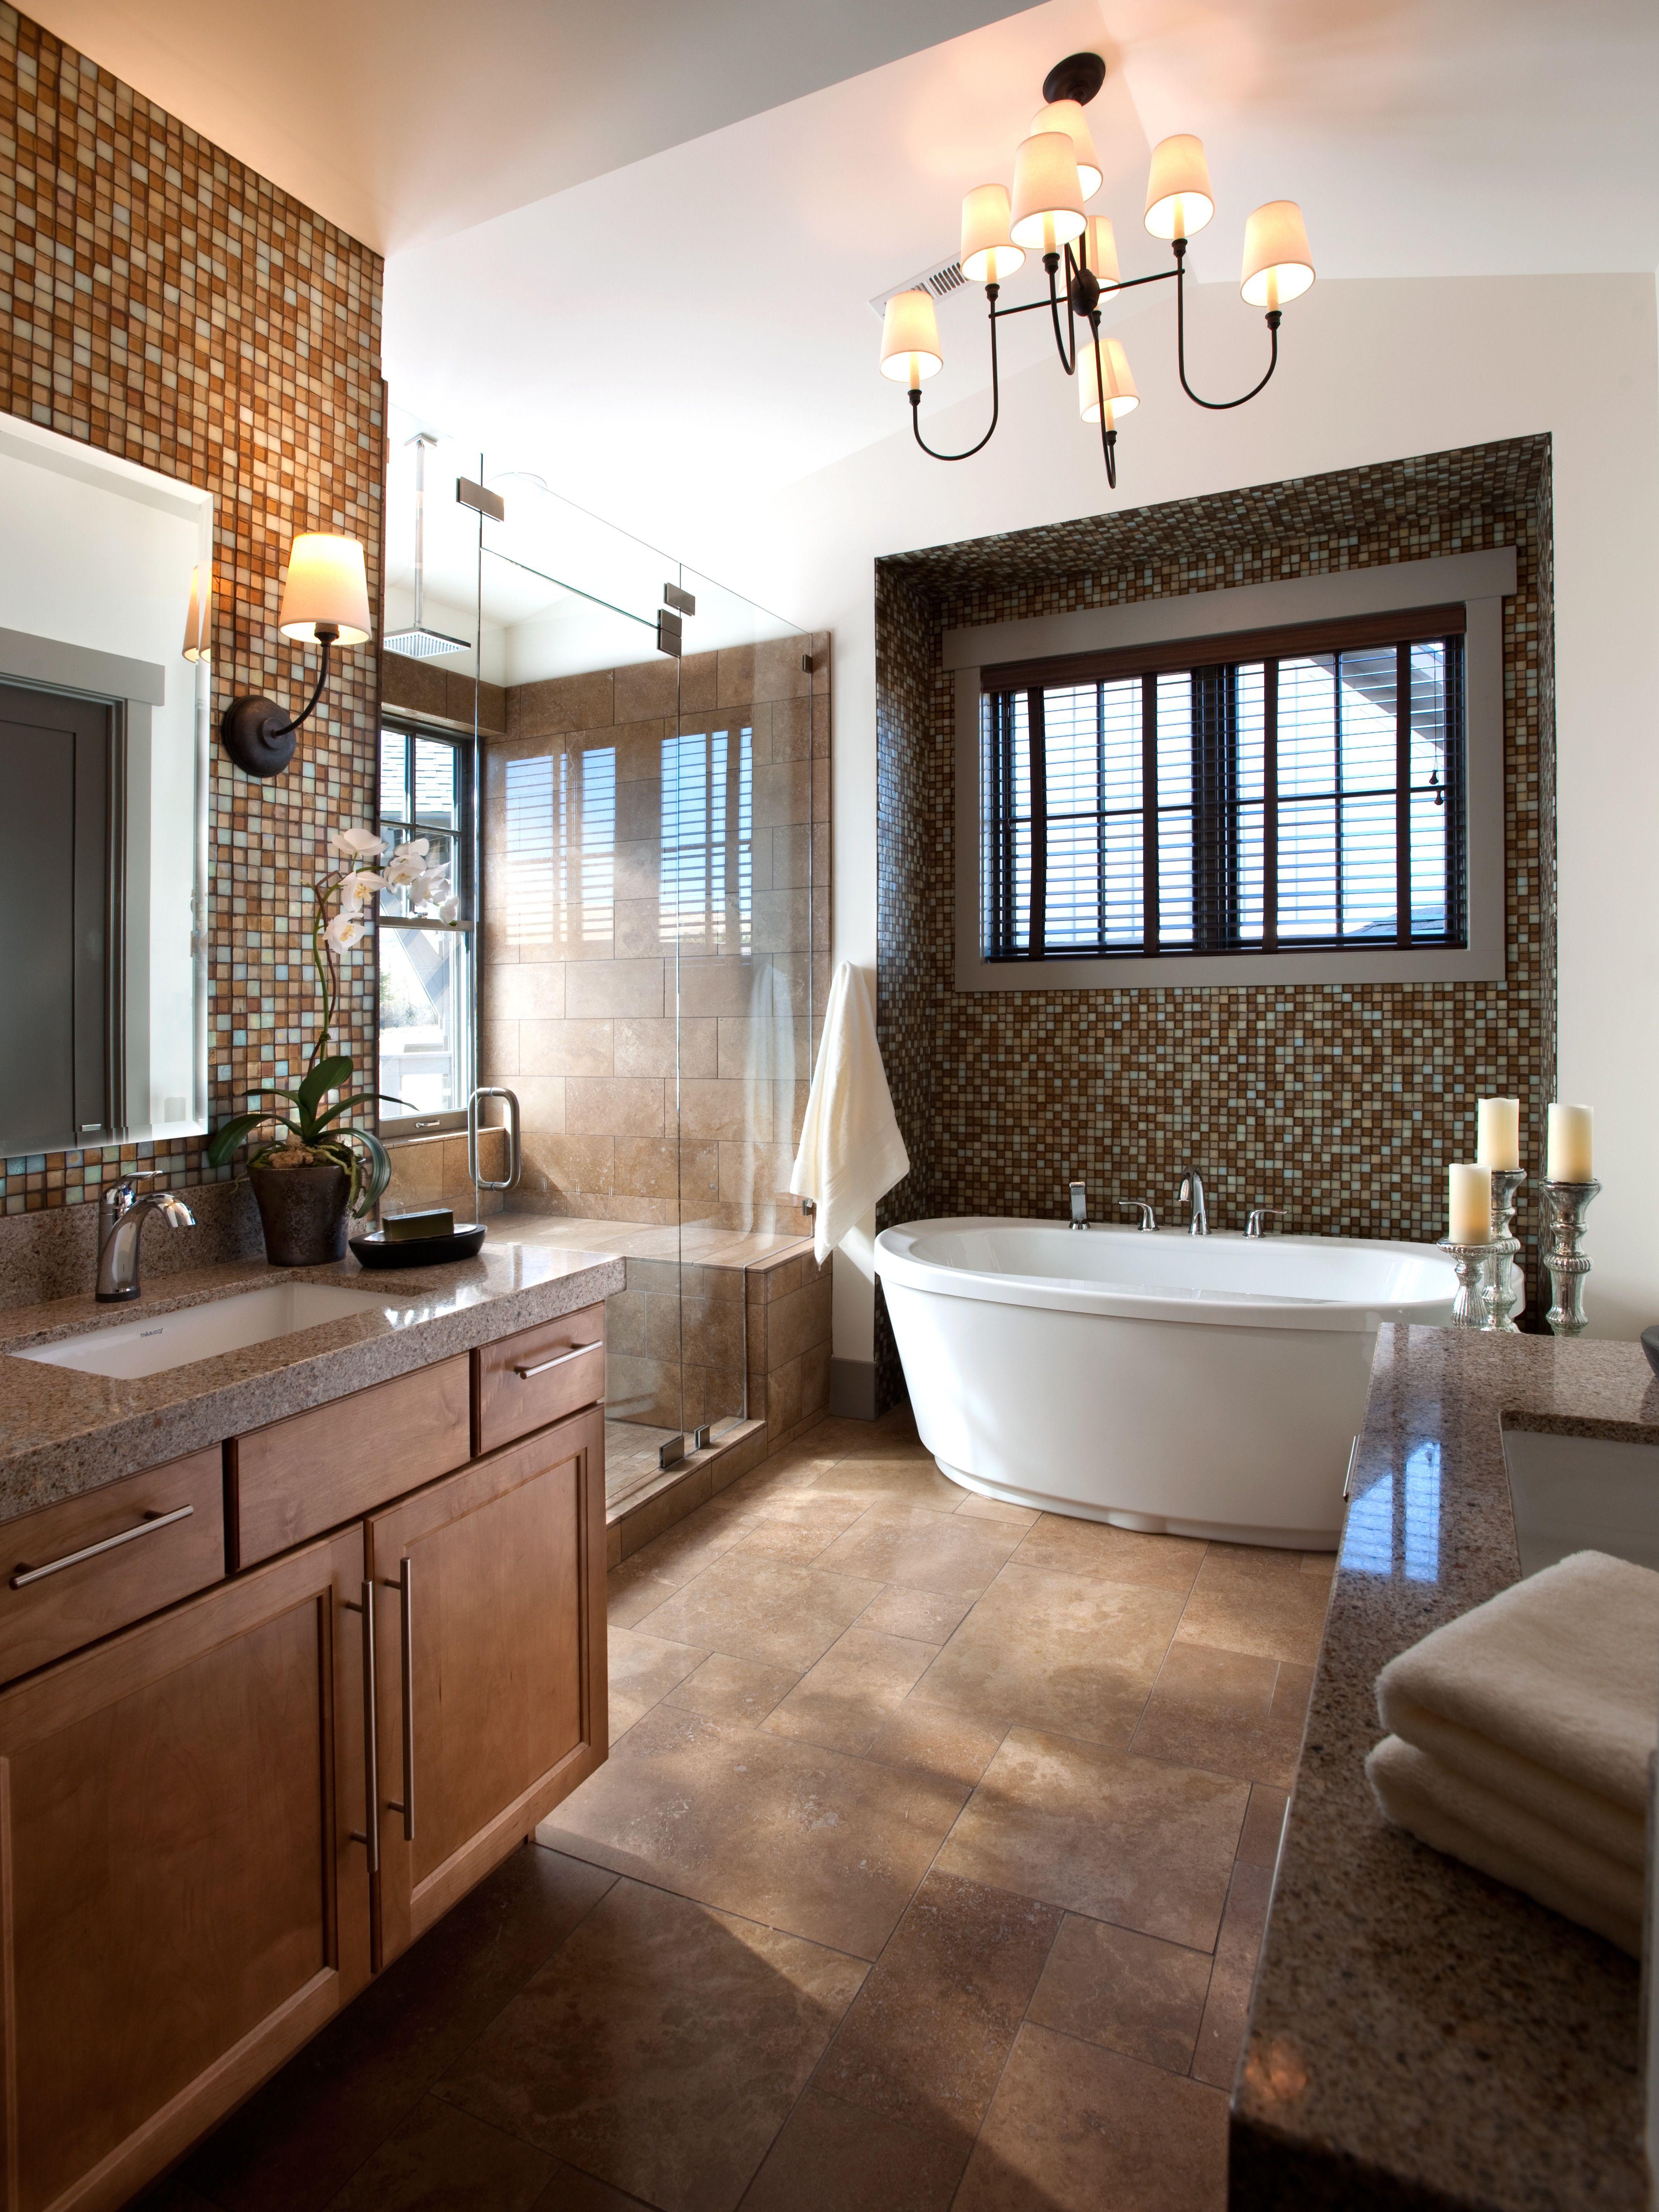 Bad eitelkeit design bad fliesen designs verwandeln ein badezimmer  badezimmer  pinterest